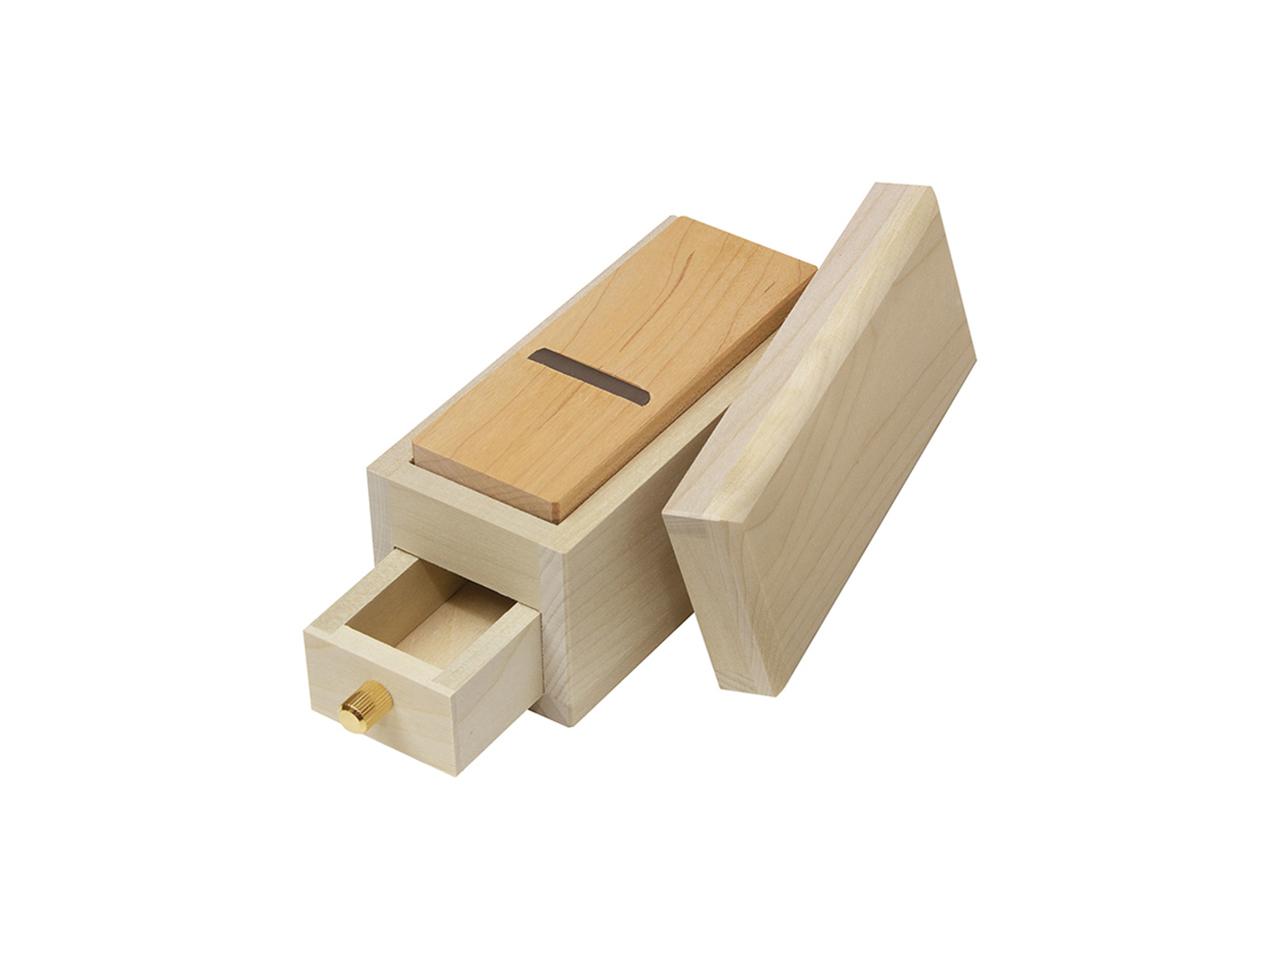 鰹節削り器 「極ミニ鰹箱」すべり止めシール付(shop限定セット)